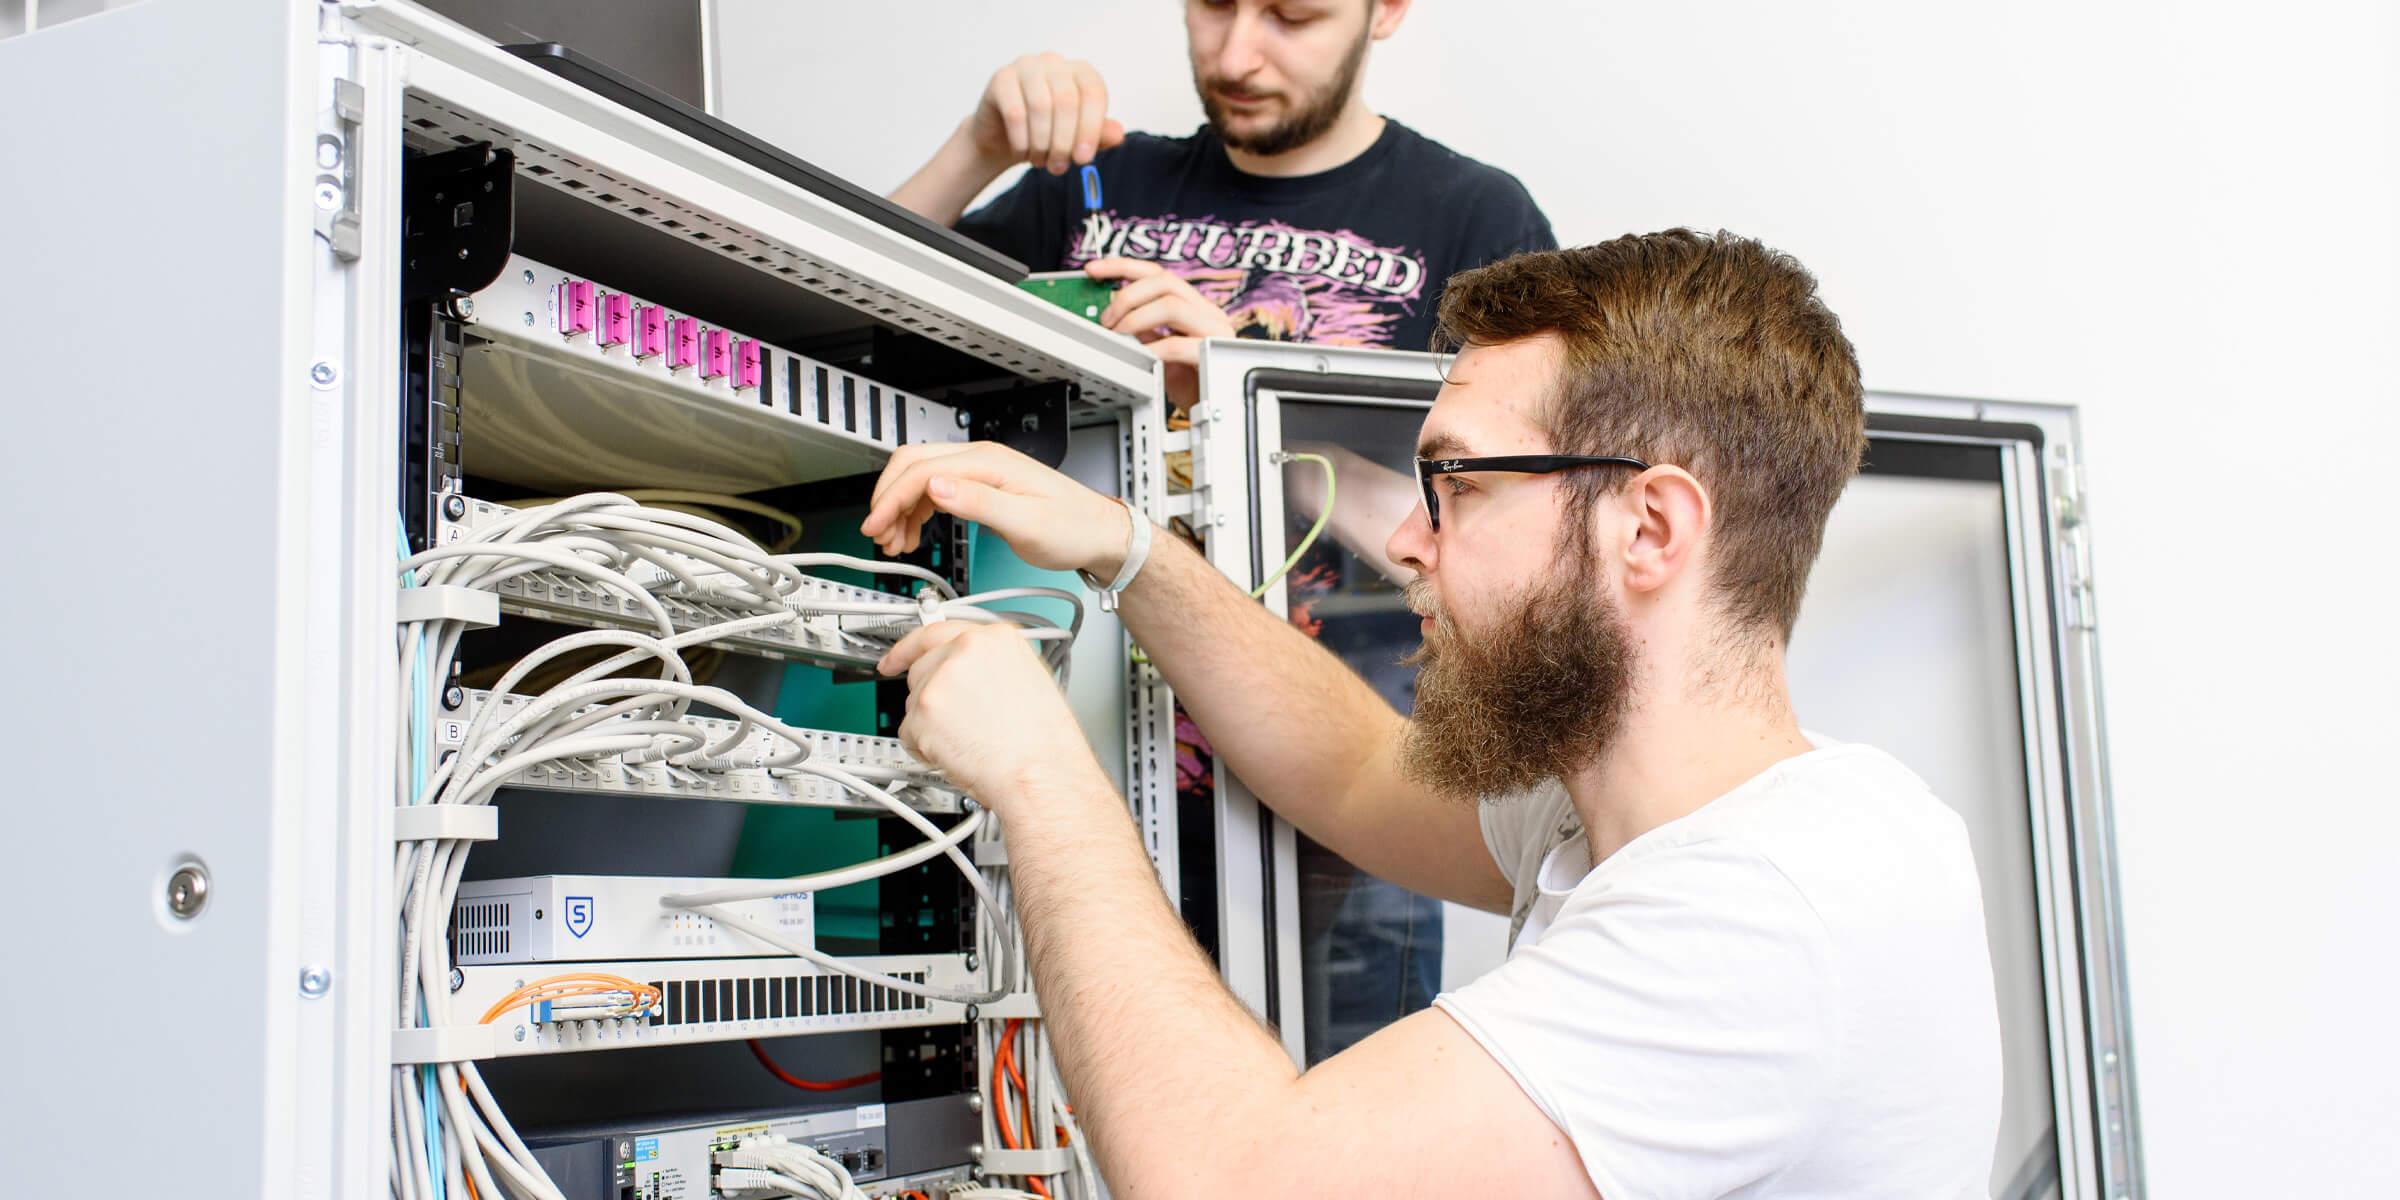 Zwei junge Männer stehen an einem Server durch